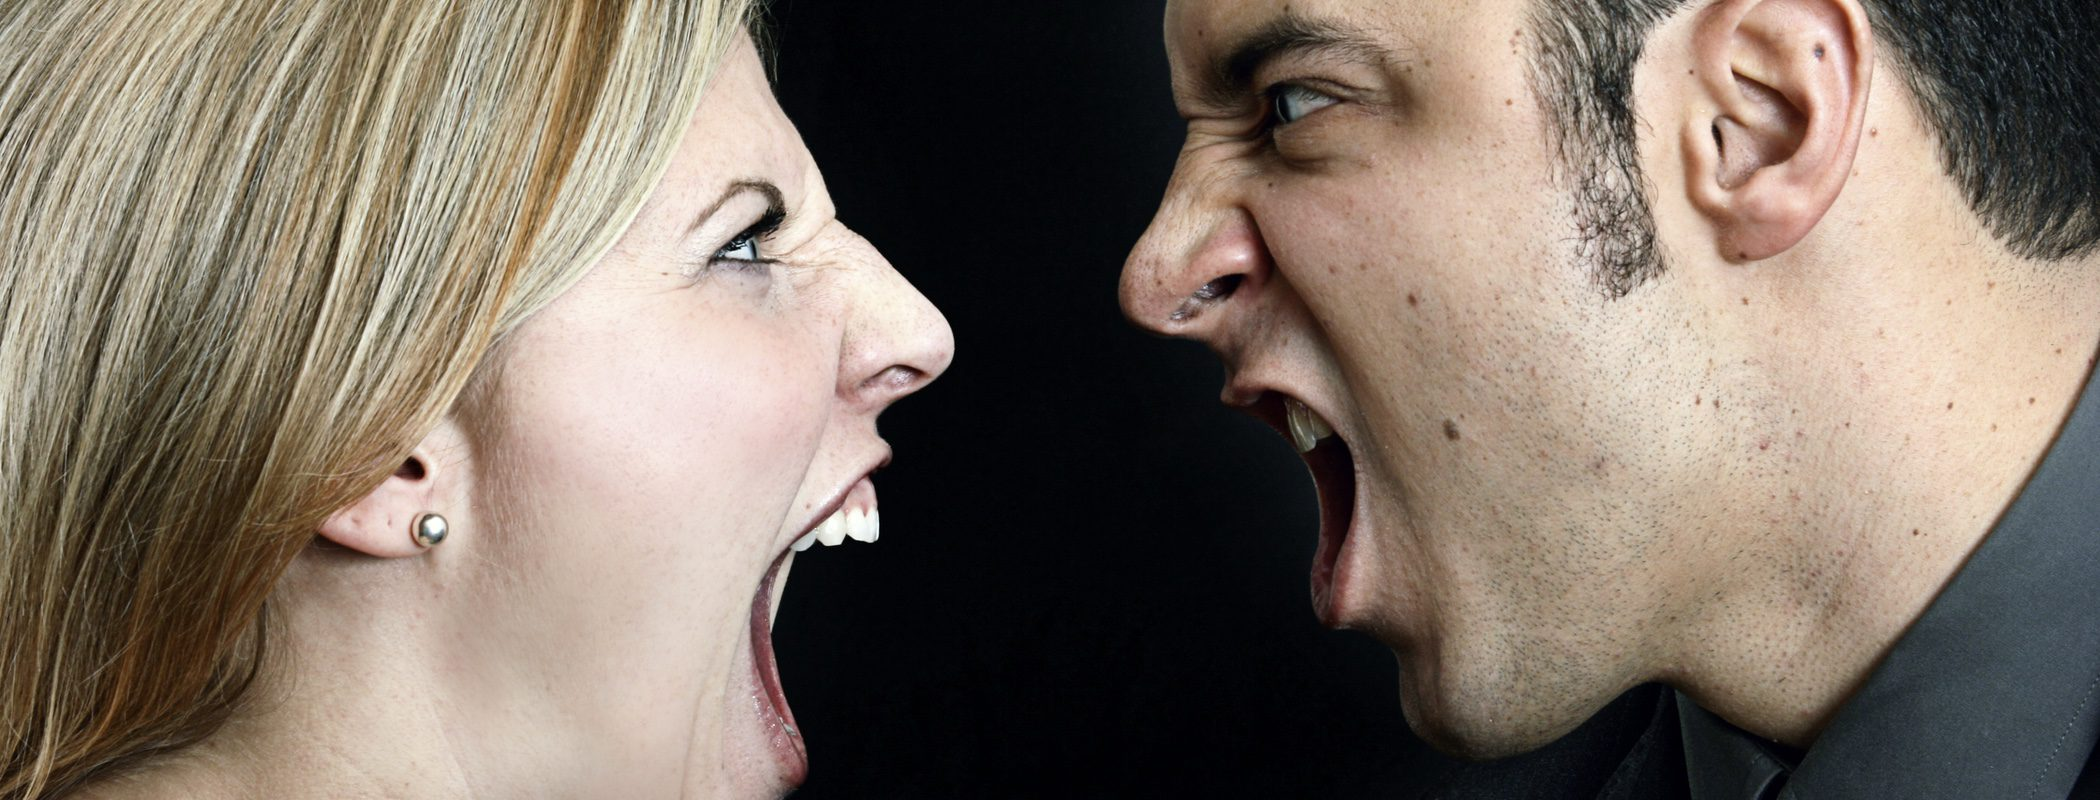 Cómo detectar a un pasivo-agresivo que está arruinando tu vida